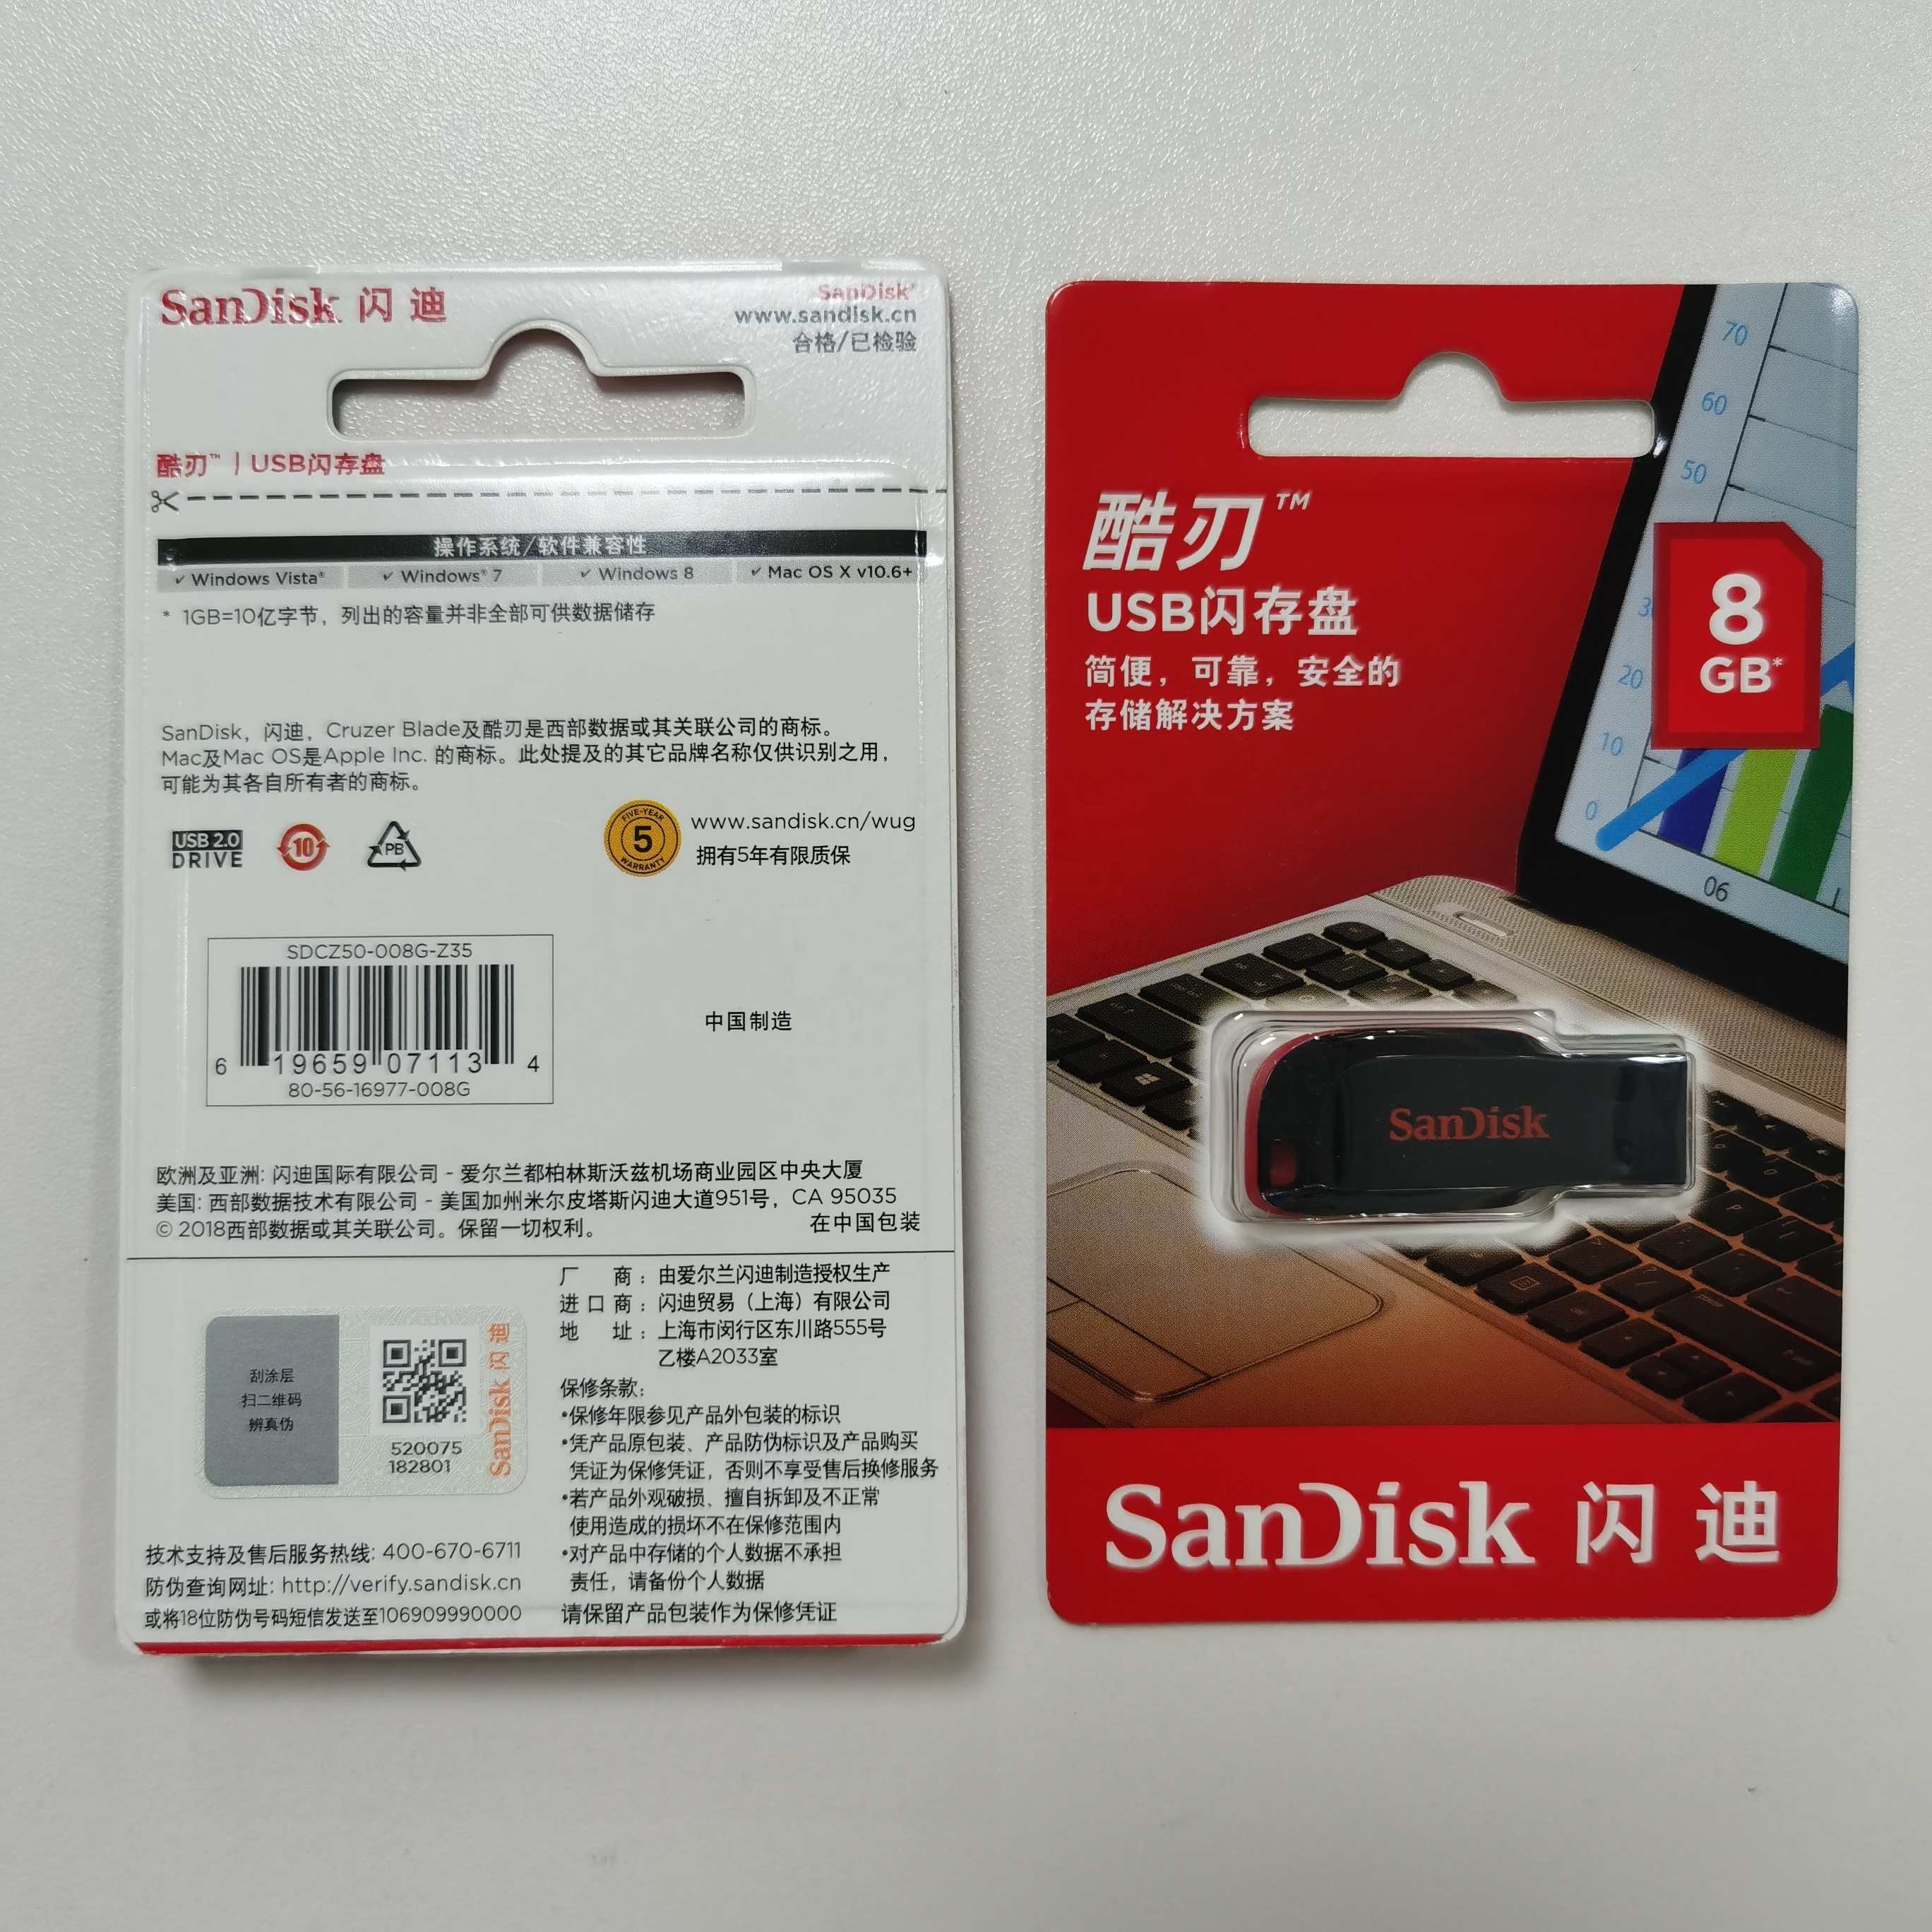 100% original SanDisk CZ50 USB Flash Drive 16GB 32GB 64GB 128GB USB 2.0 Pen Drive 8GB USB Stick